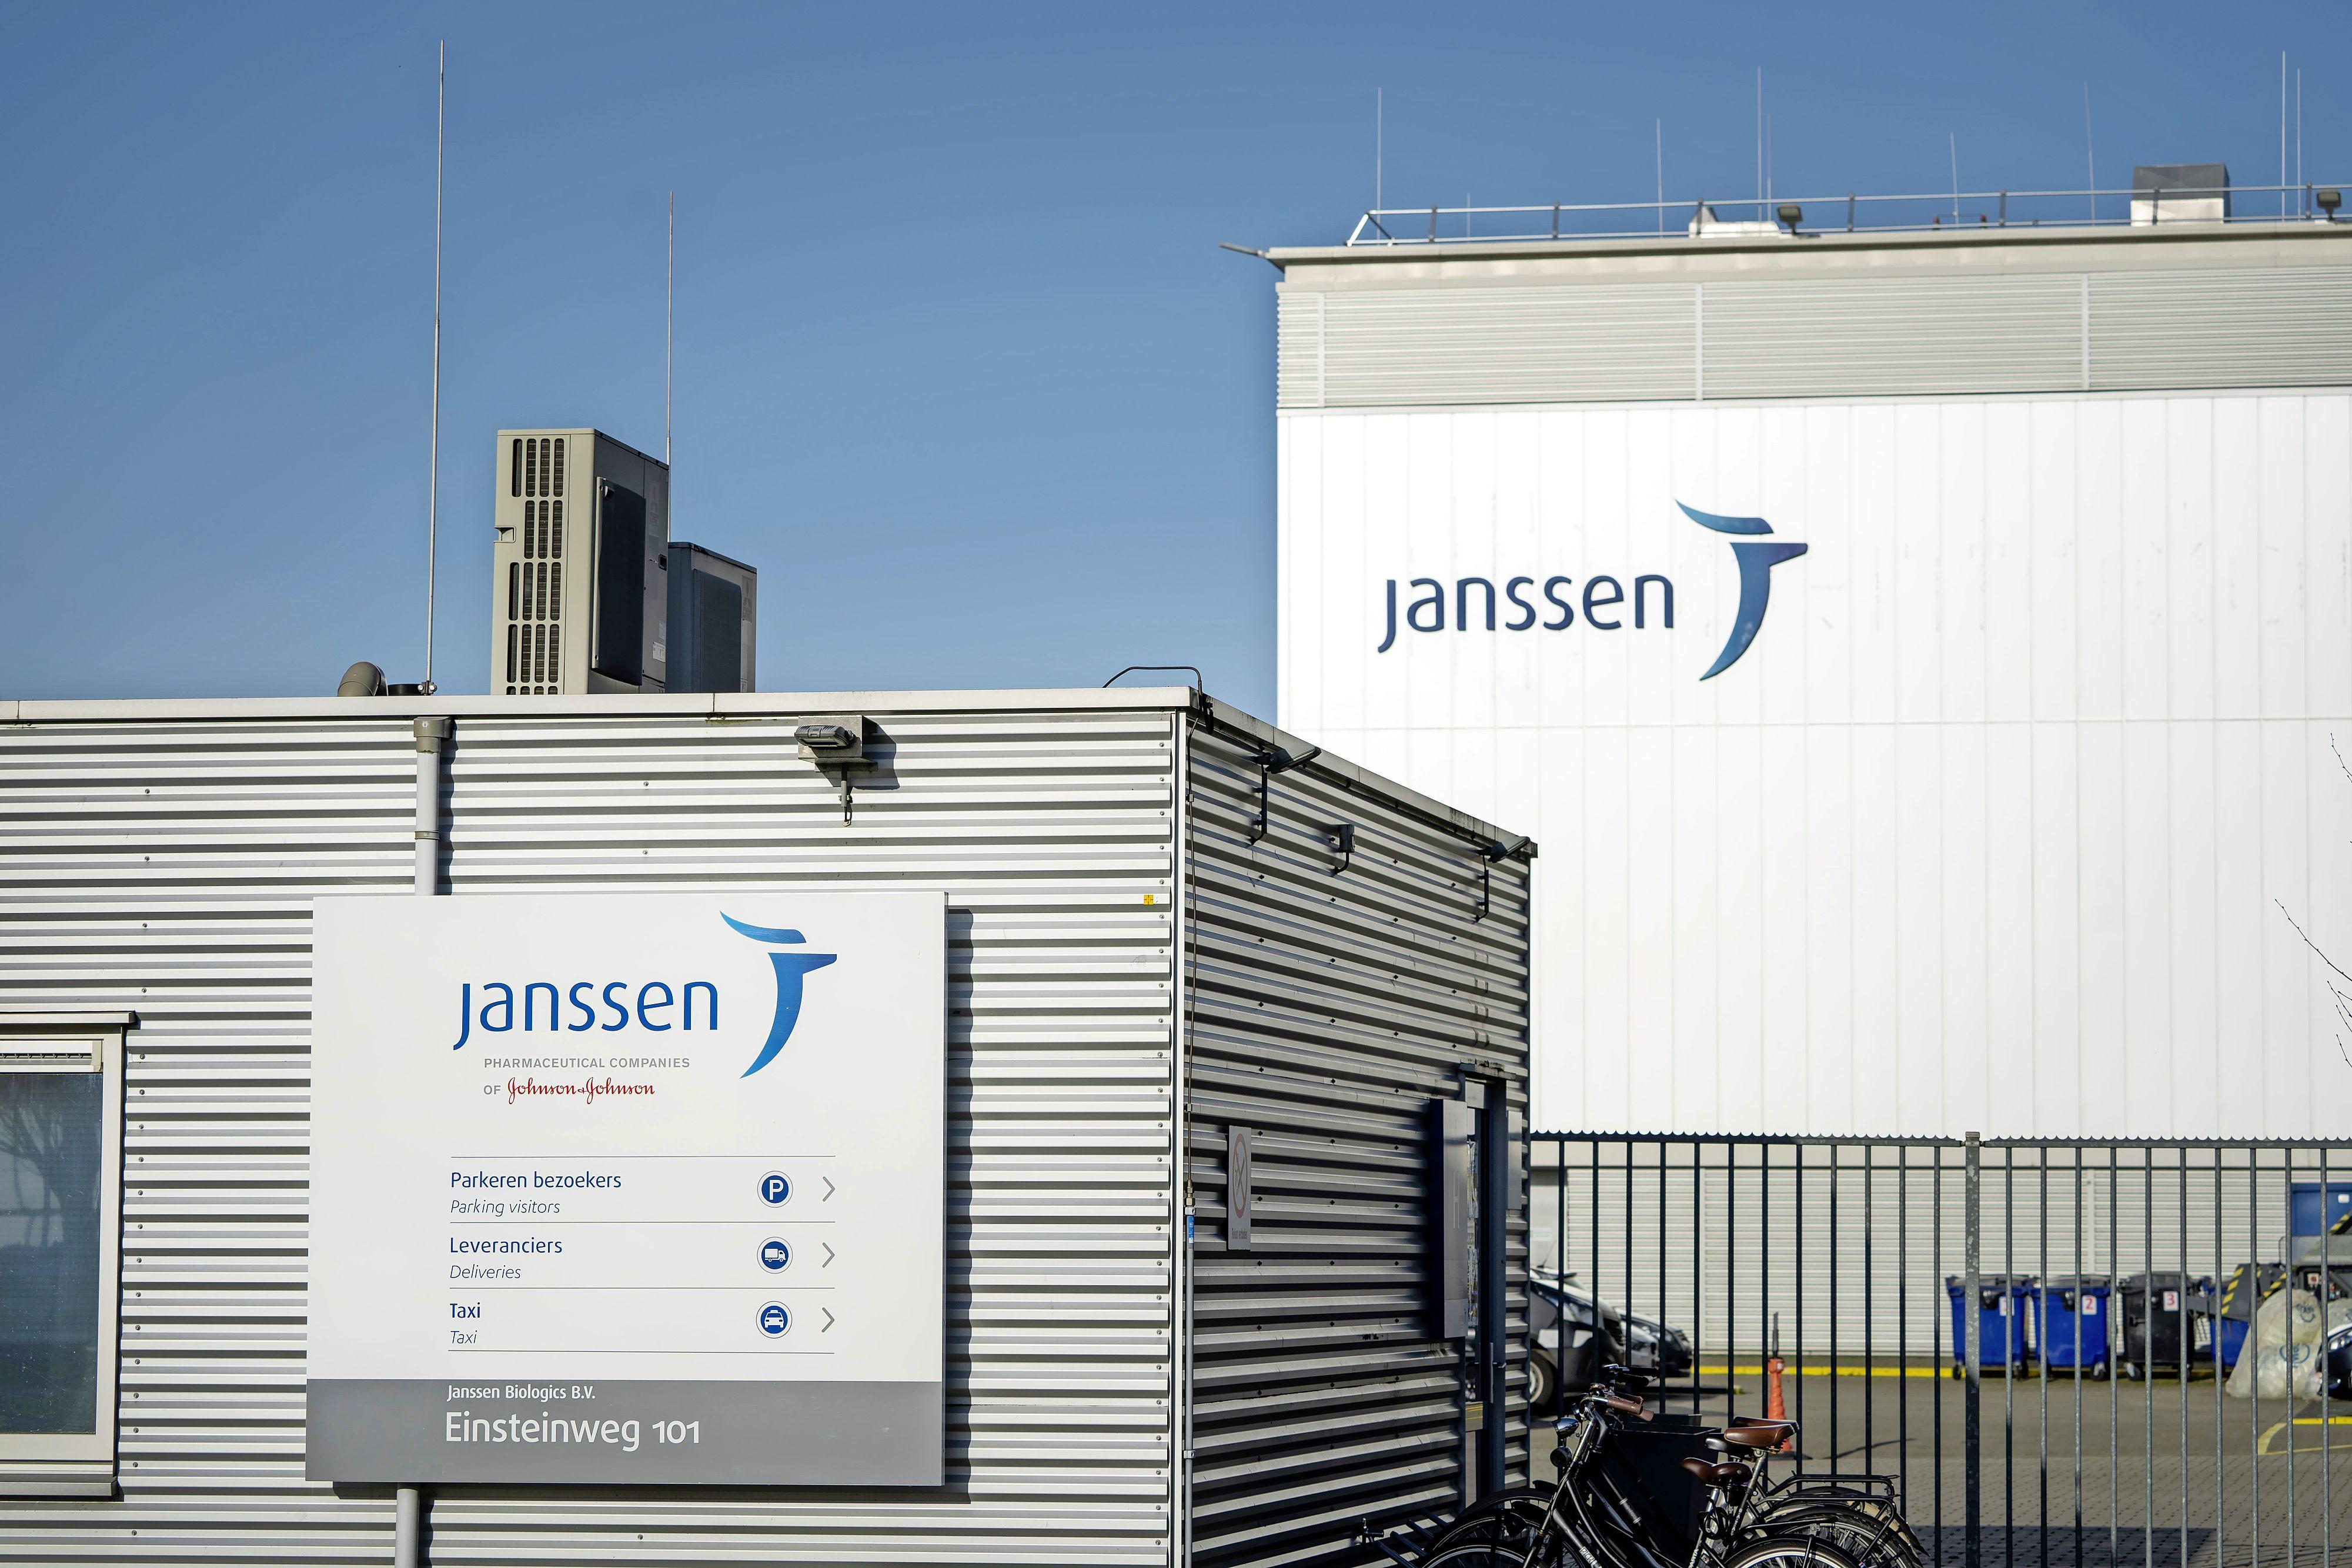 Advies van Johnson & Johnson: laat het Janssen-vaccin voorlopig in de opslag liggen